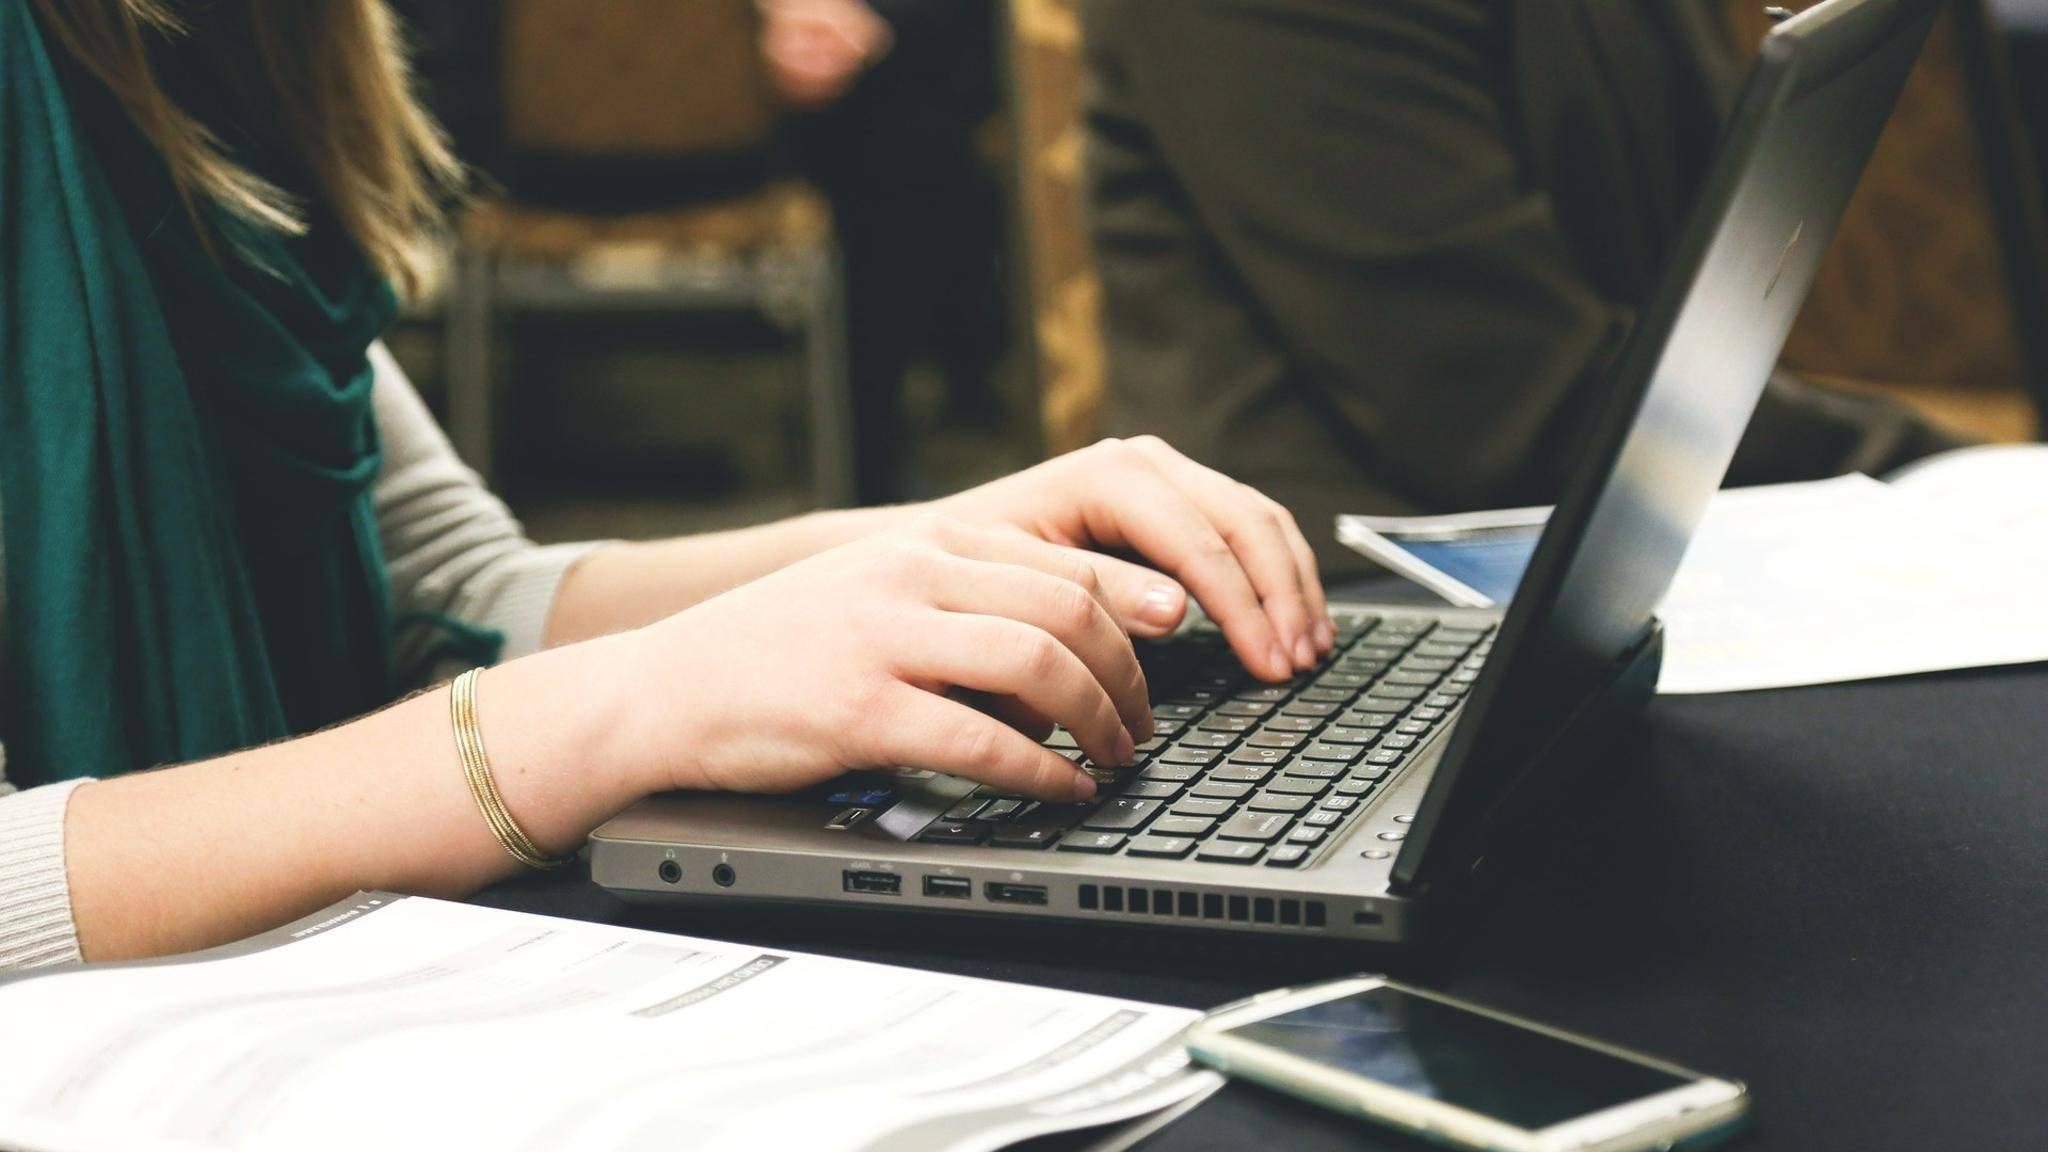 Notebook Laptop Pixabay